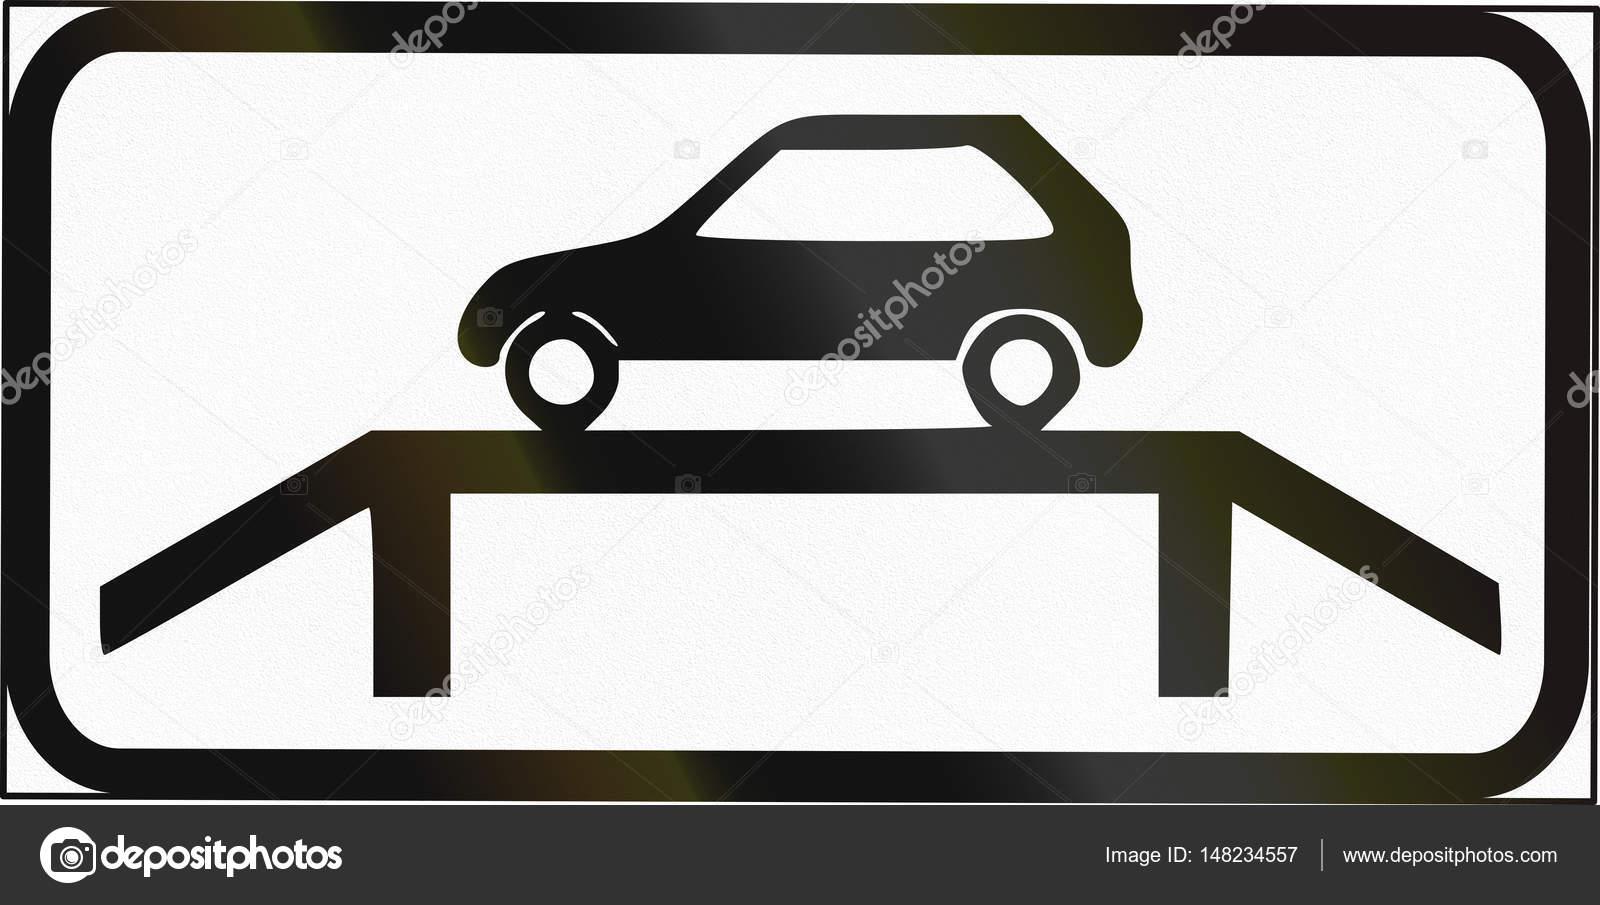 Señal adicional Estonia - inspección de vehículos — Foto de stock ...